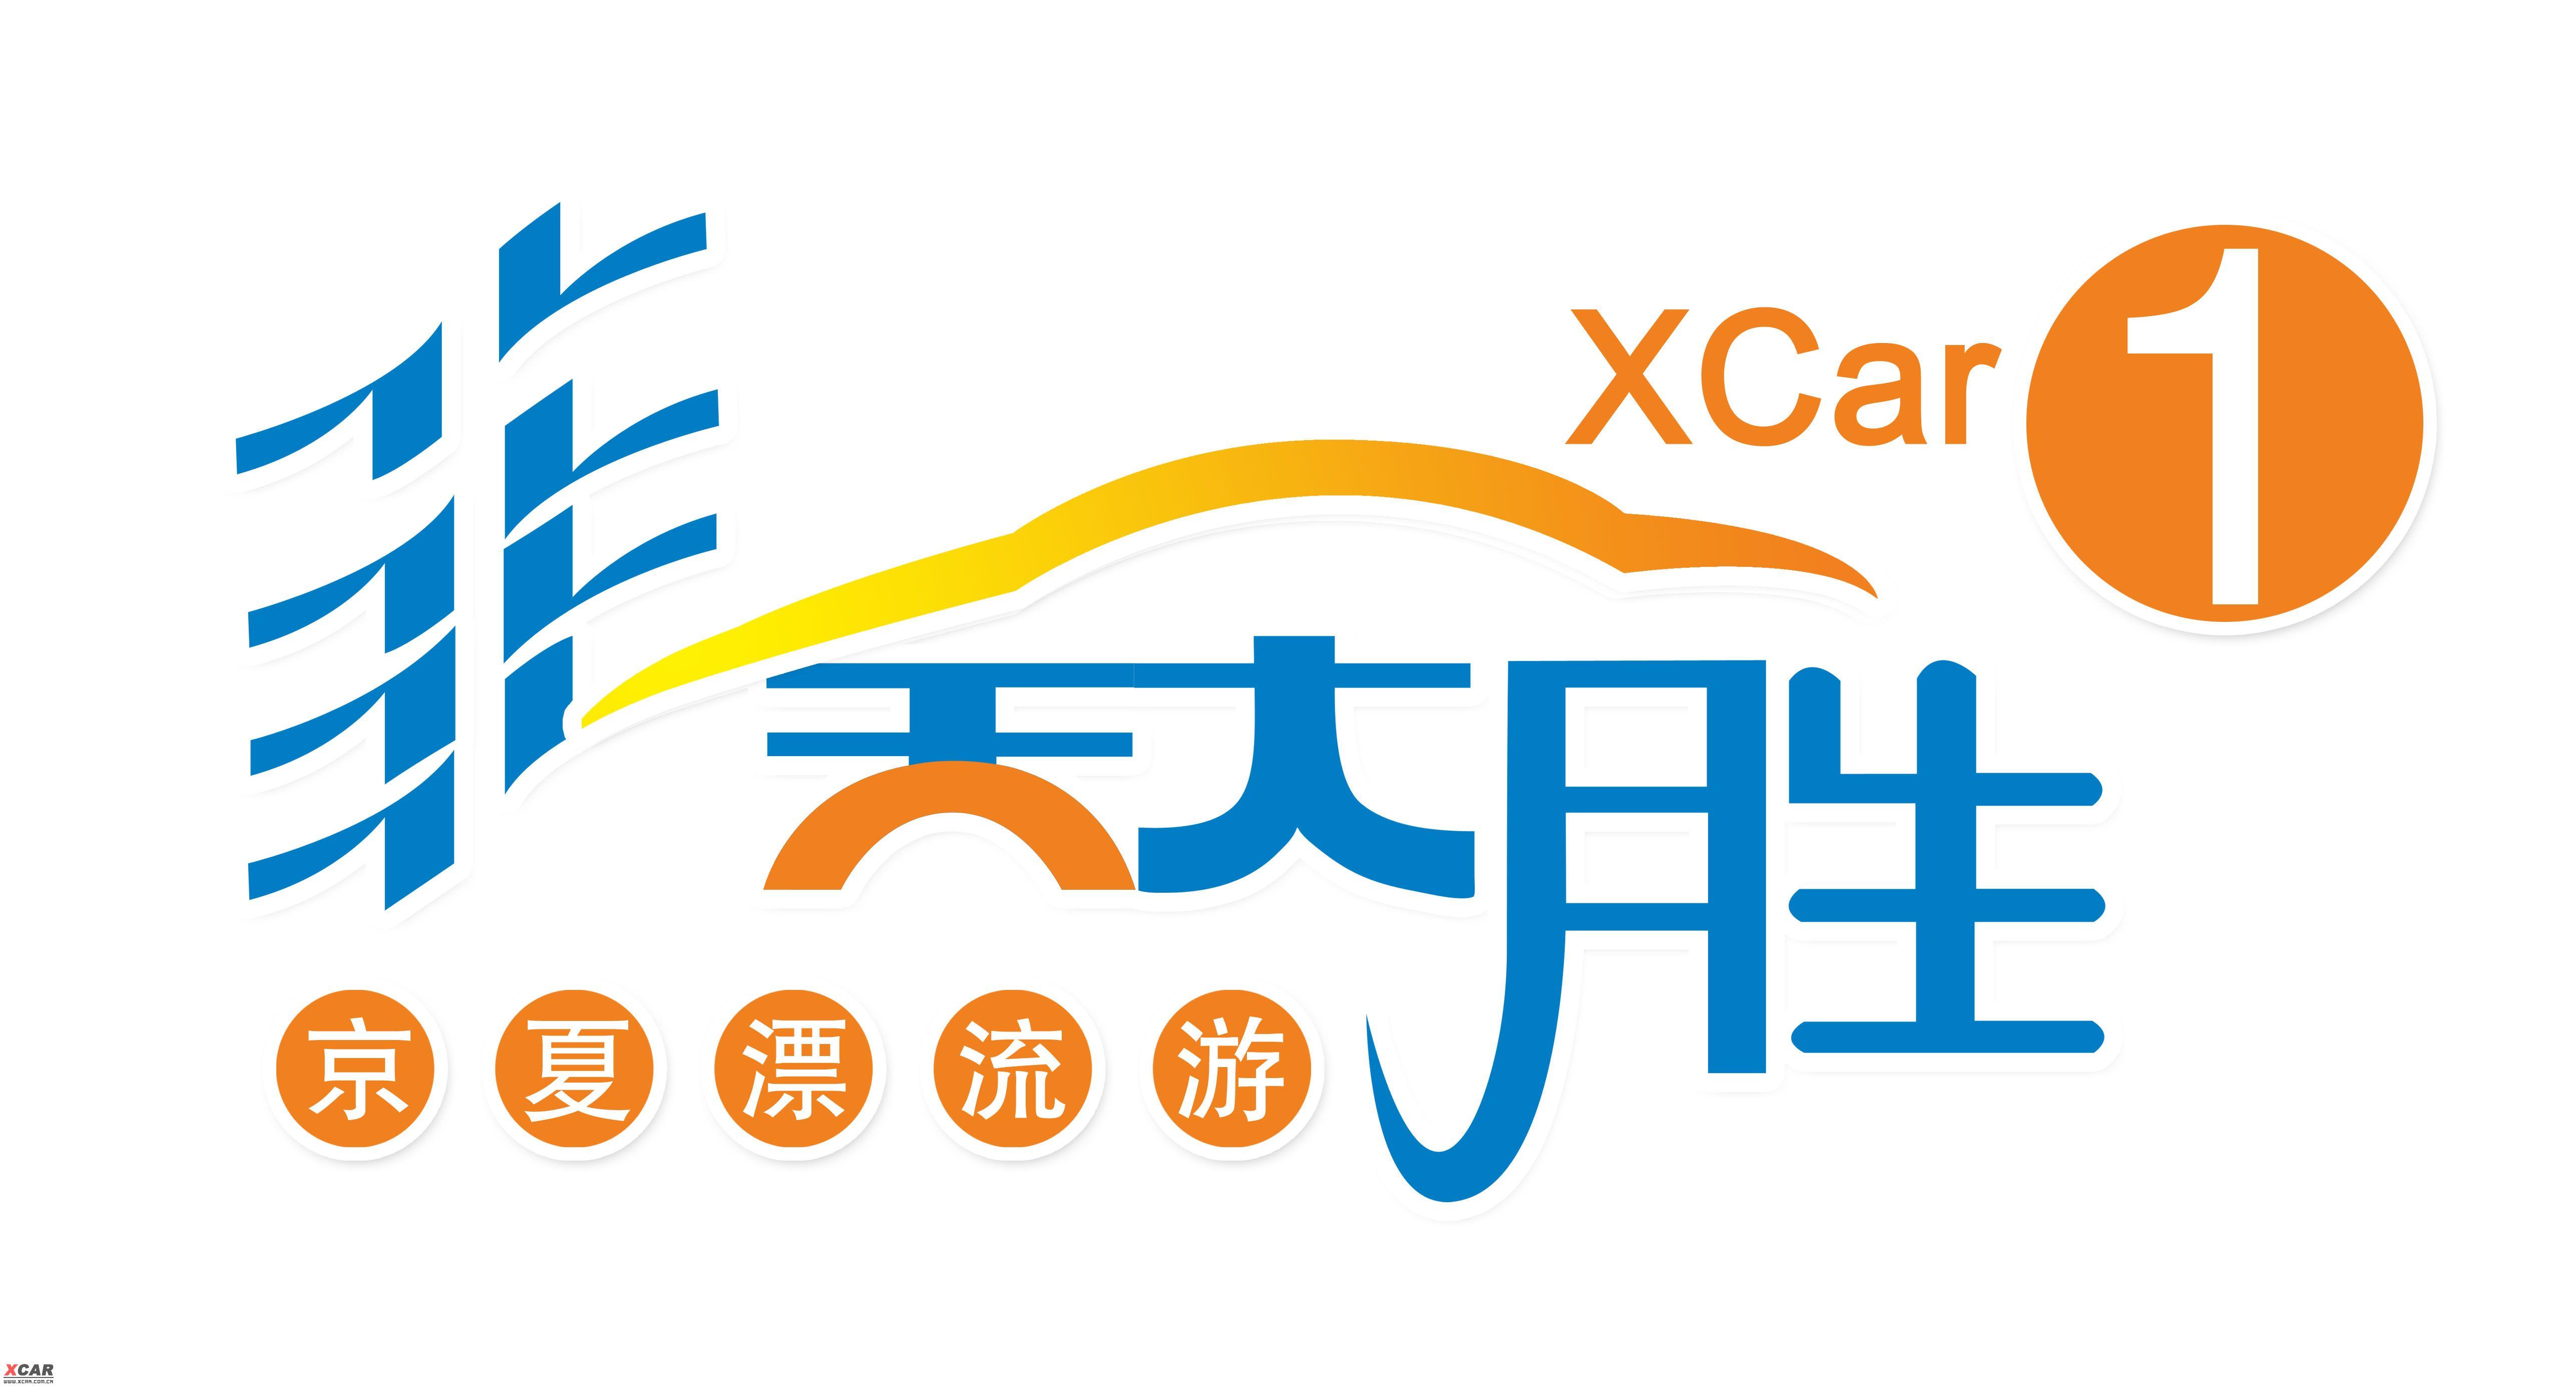 logo logo 标志 设计 矢量 矢量图 素材 图标 5146_2770